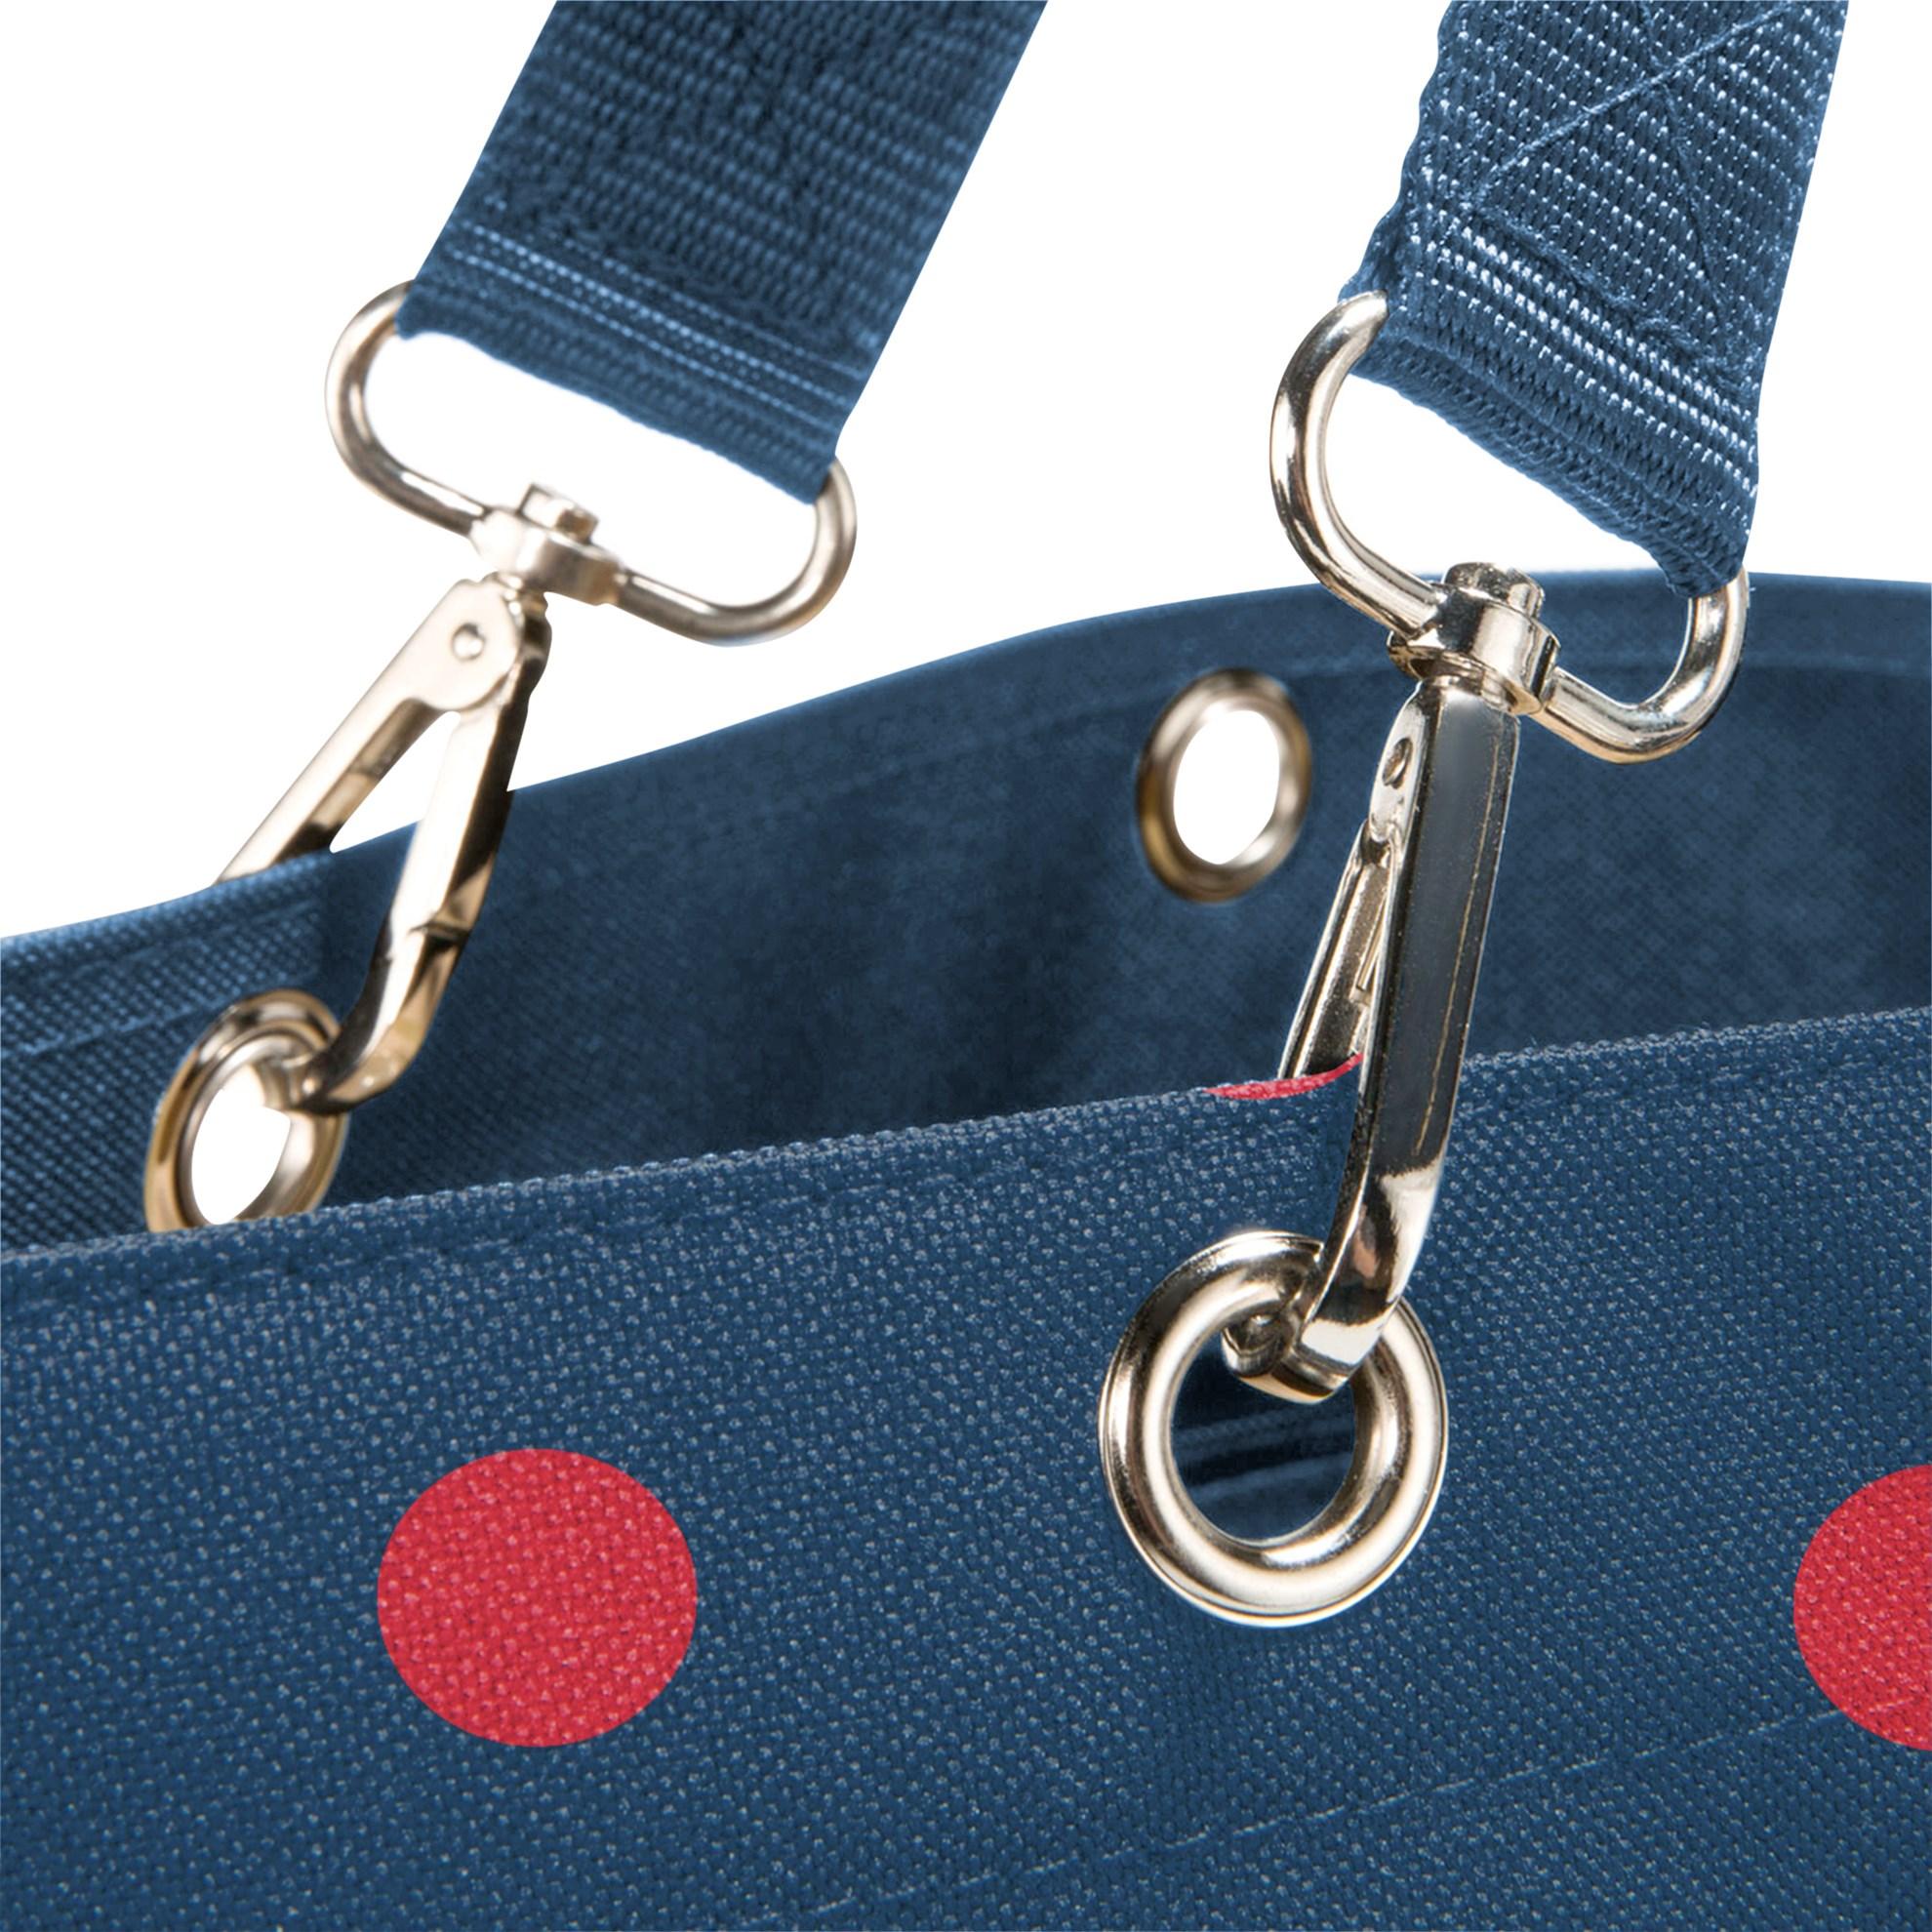 Nákupní taška Shopper XL mixed dots red_0